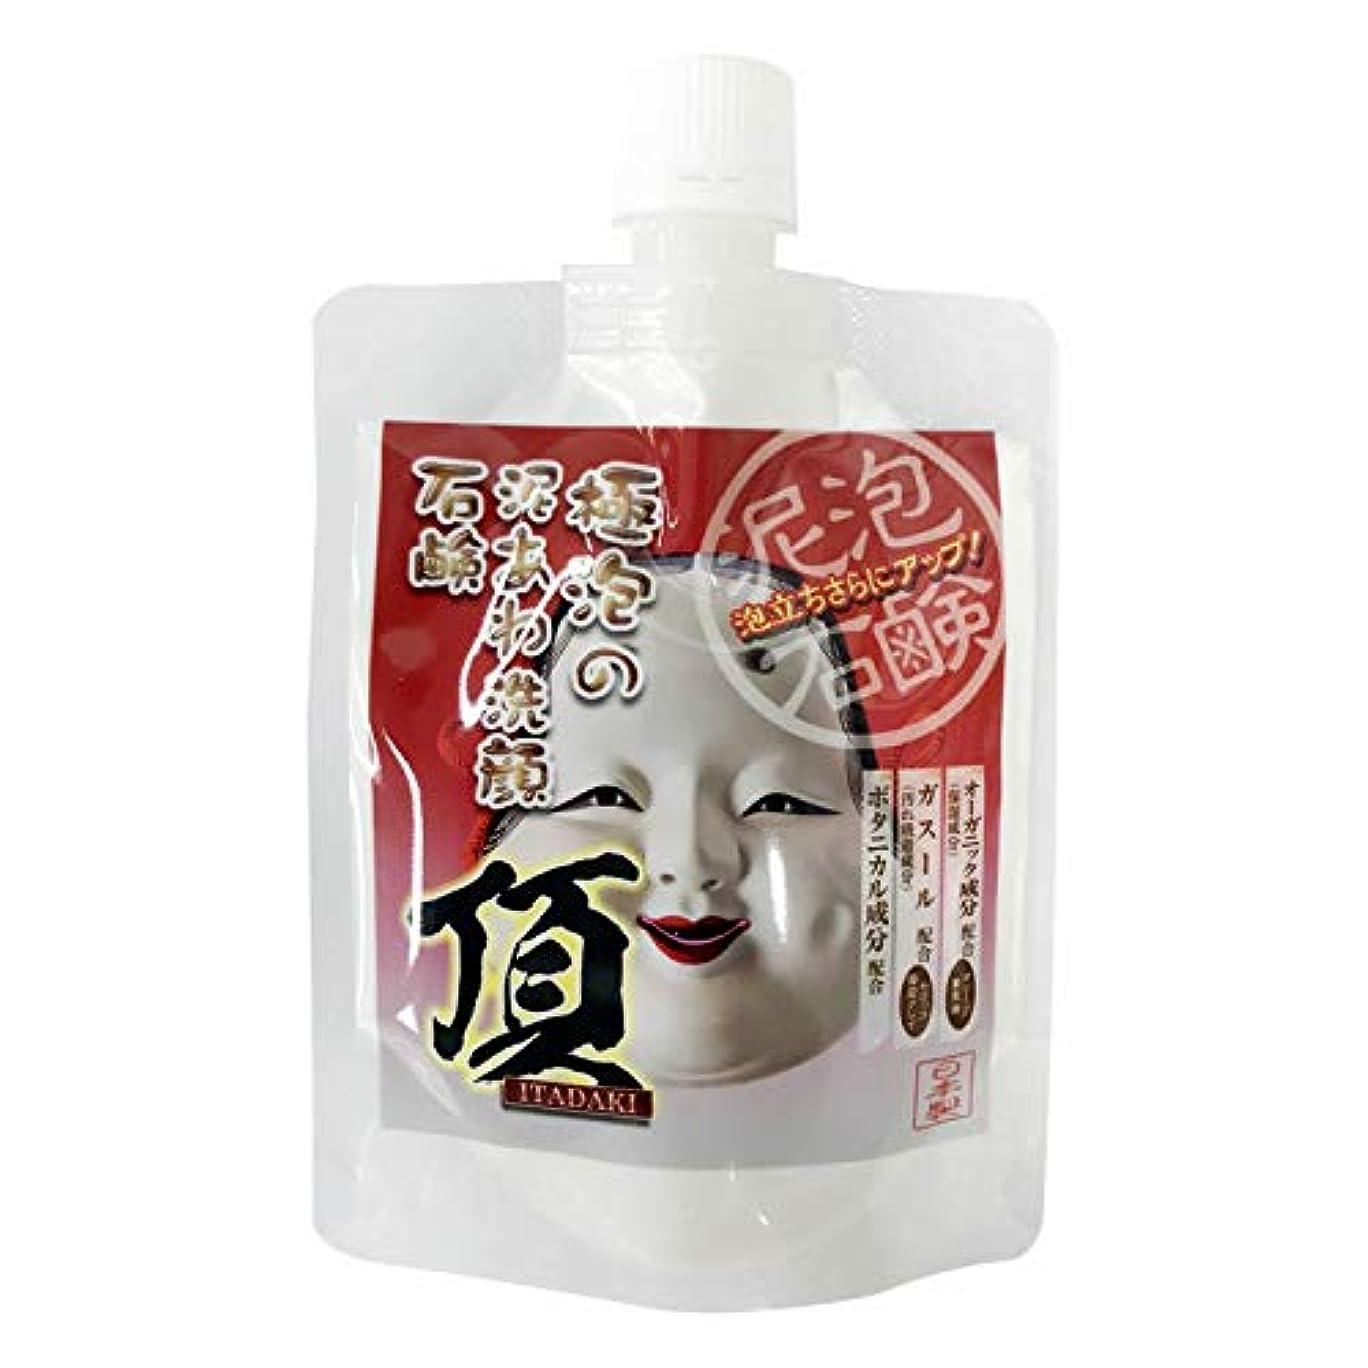 乱用安心何もない極泡の泥あわ洗顔石鹸 頂 130g ガスール 豆乳 ボタニカル 酒粕 エキス配合